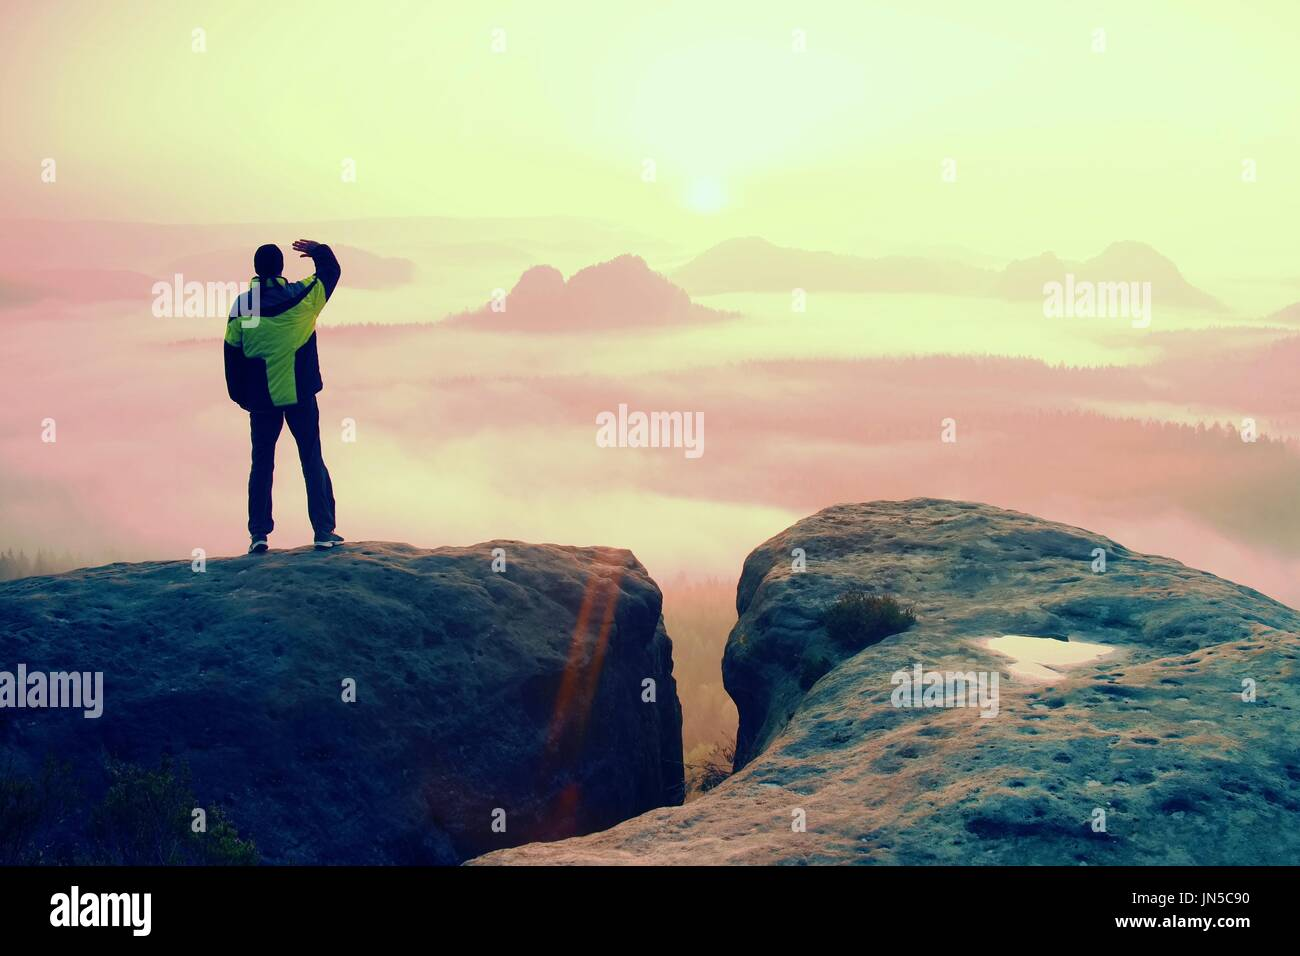 Momento de soledad. Hombre sobre la roca imperios y vigilar el brumoso o nublado mañana valle. Imagen De Stock